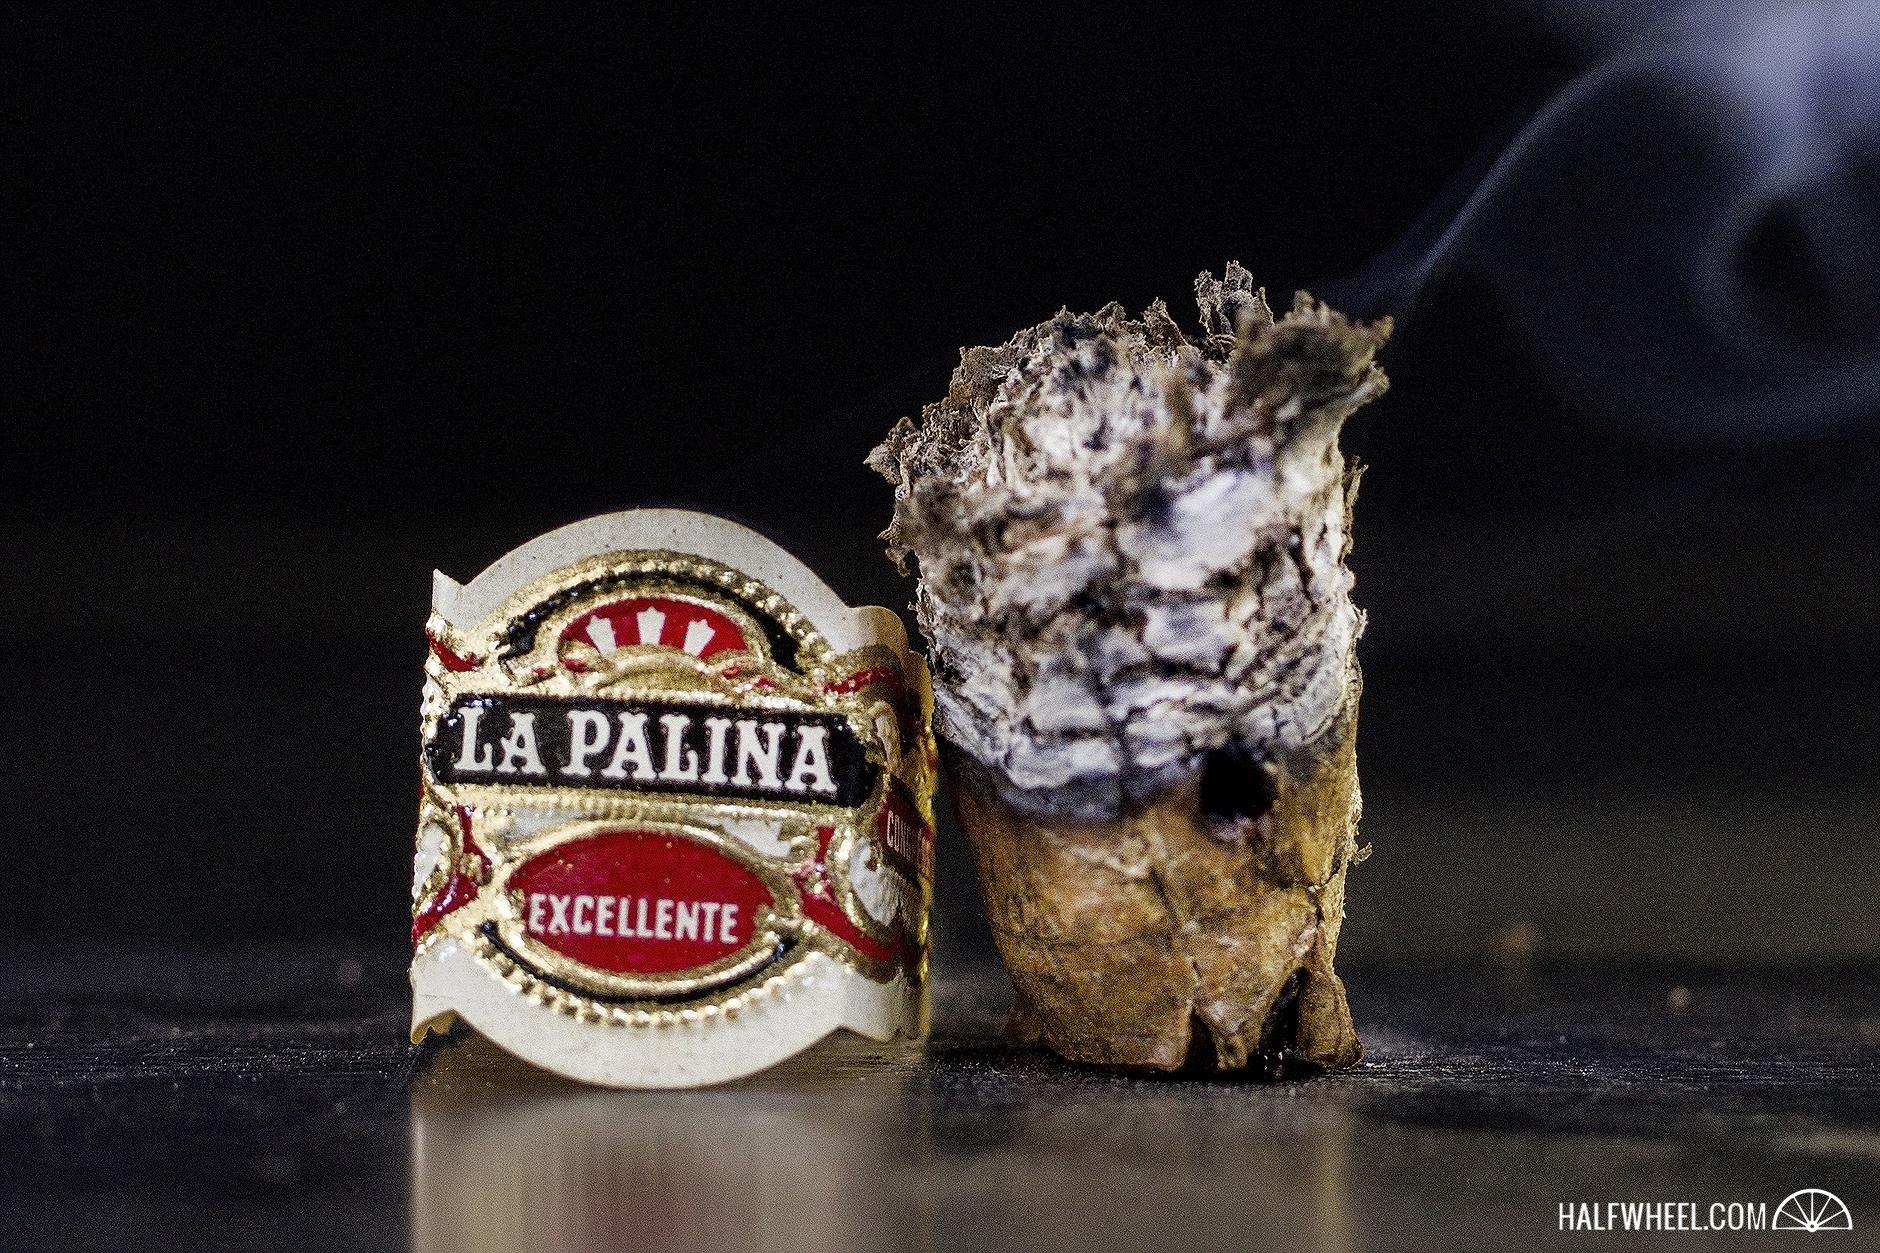 La Palina Excellentes (1920s) 4